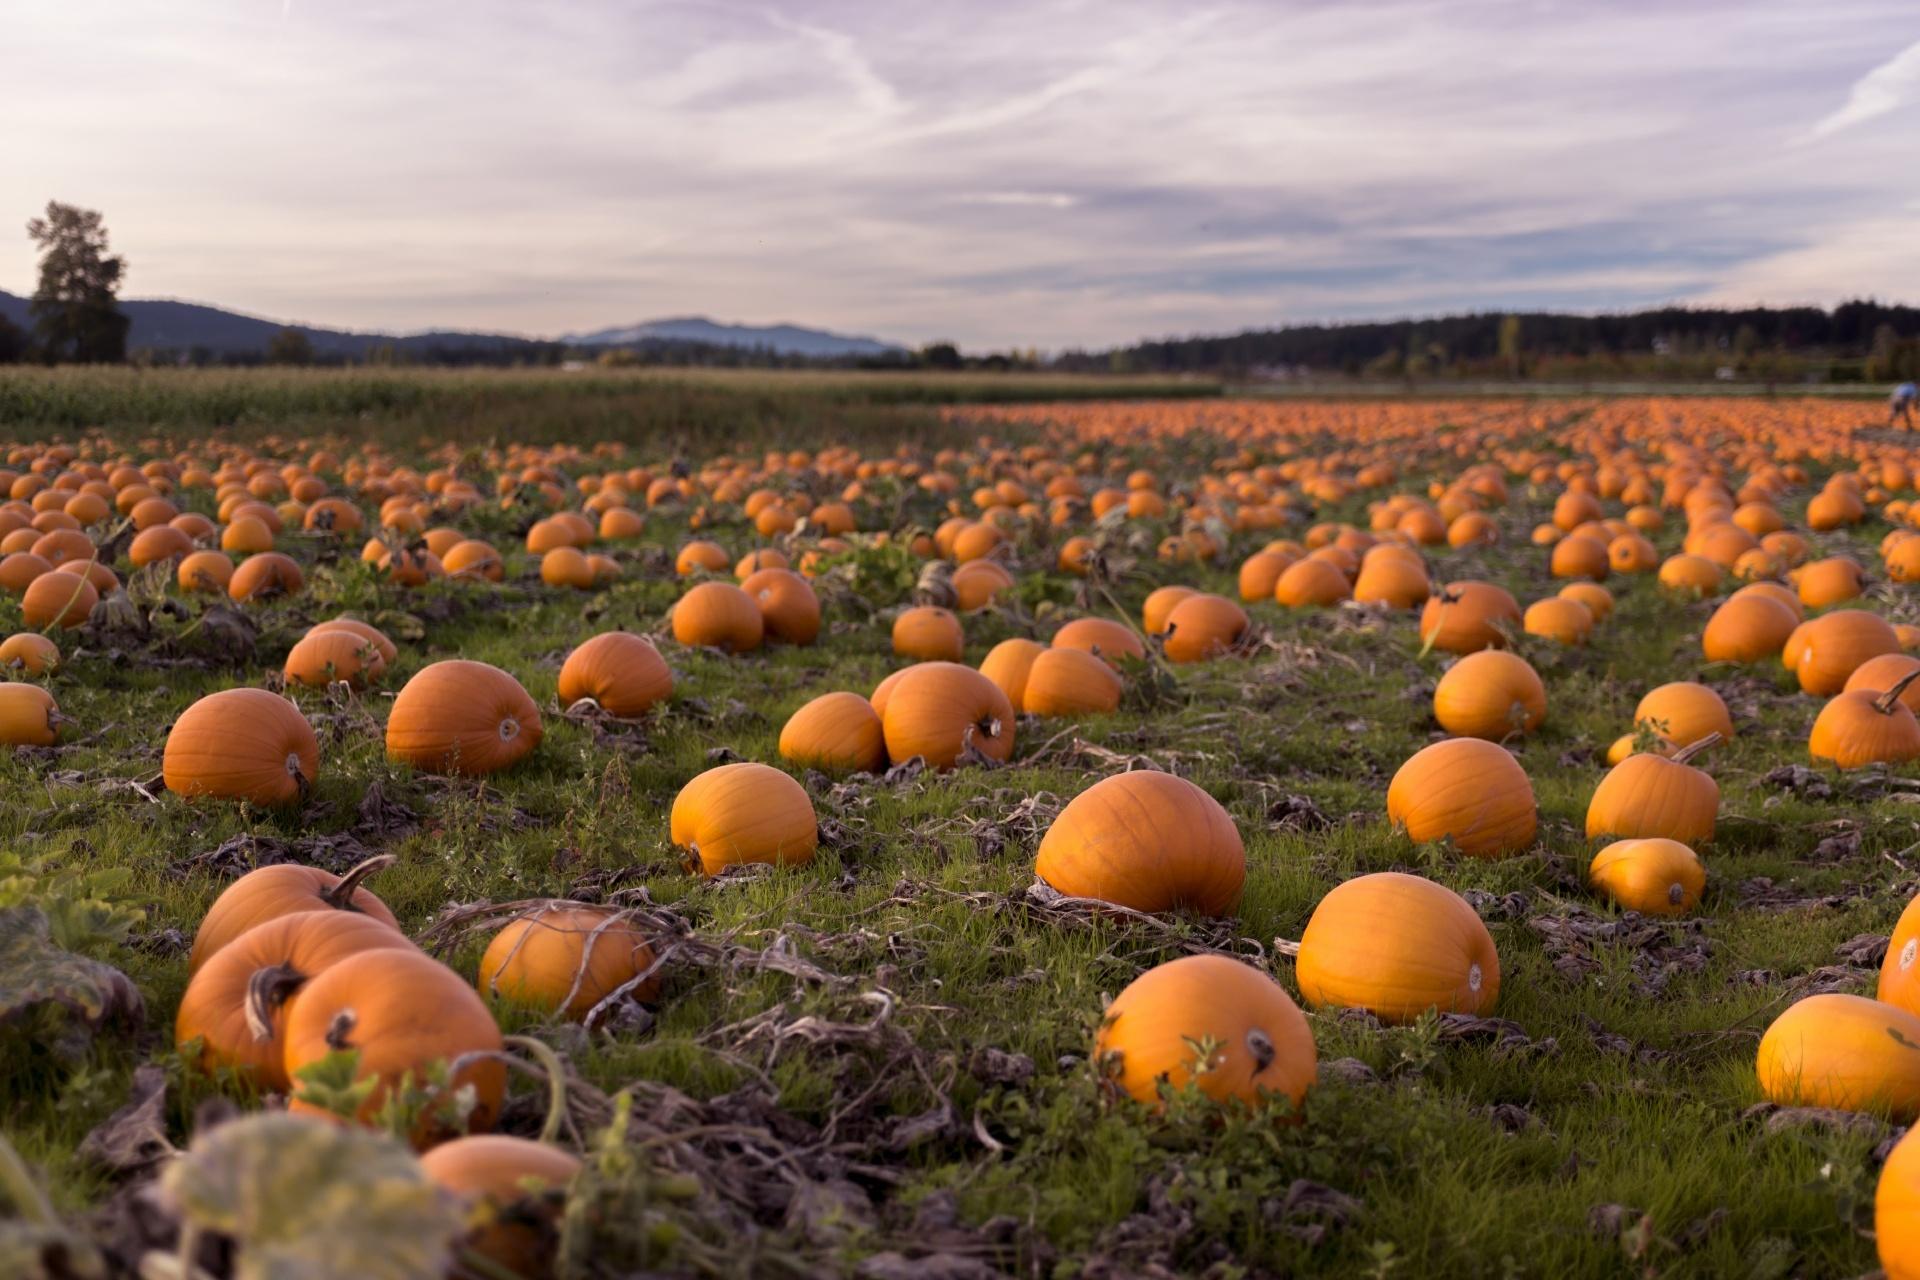 夕暮れのパンプキンパッチ ブリティッシュコロンビア州ヴィクトリア カナダの風景